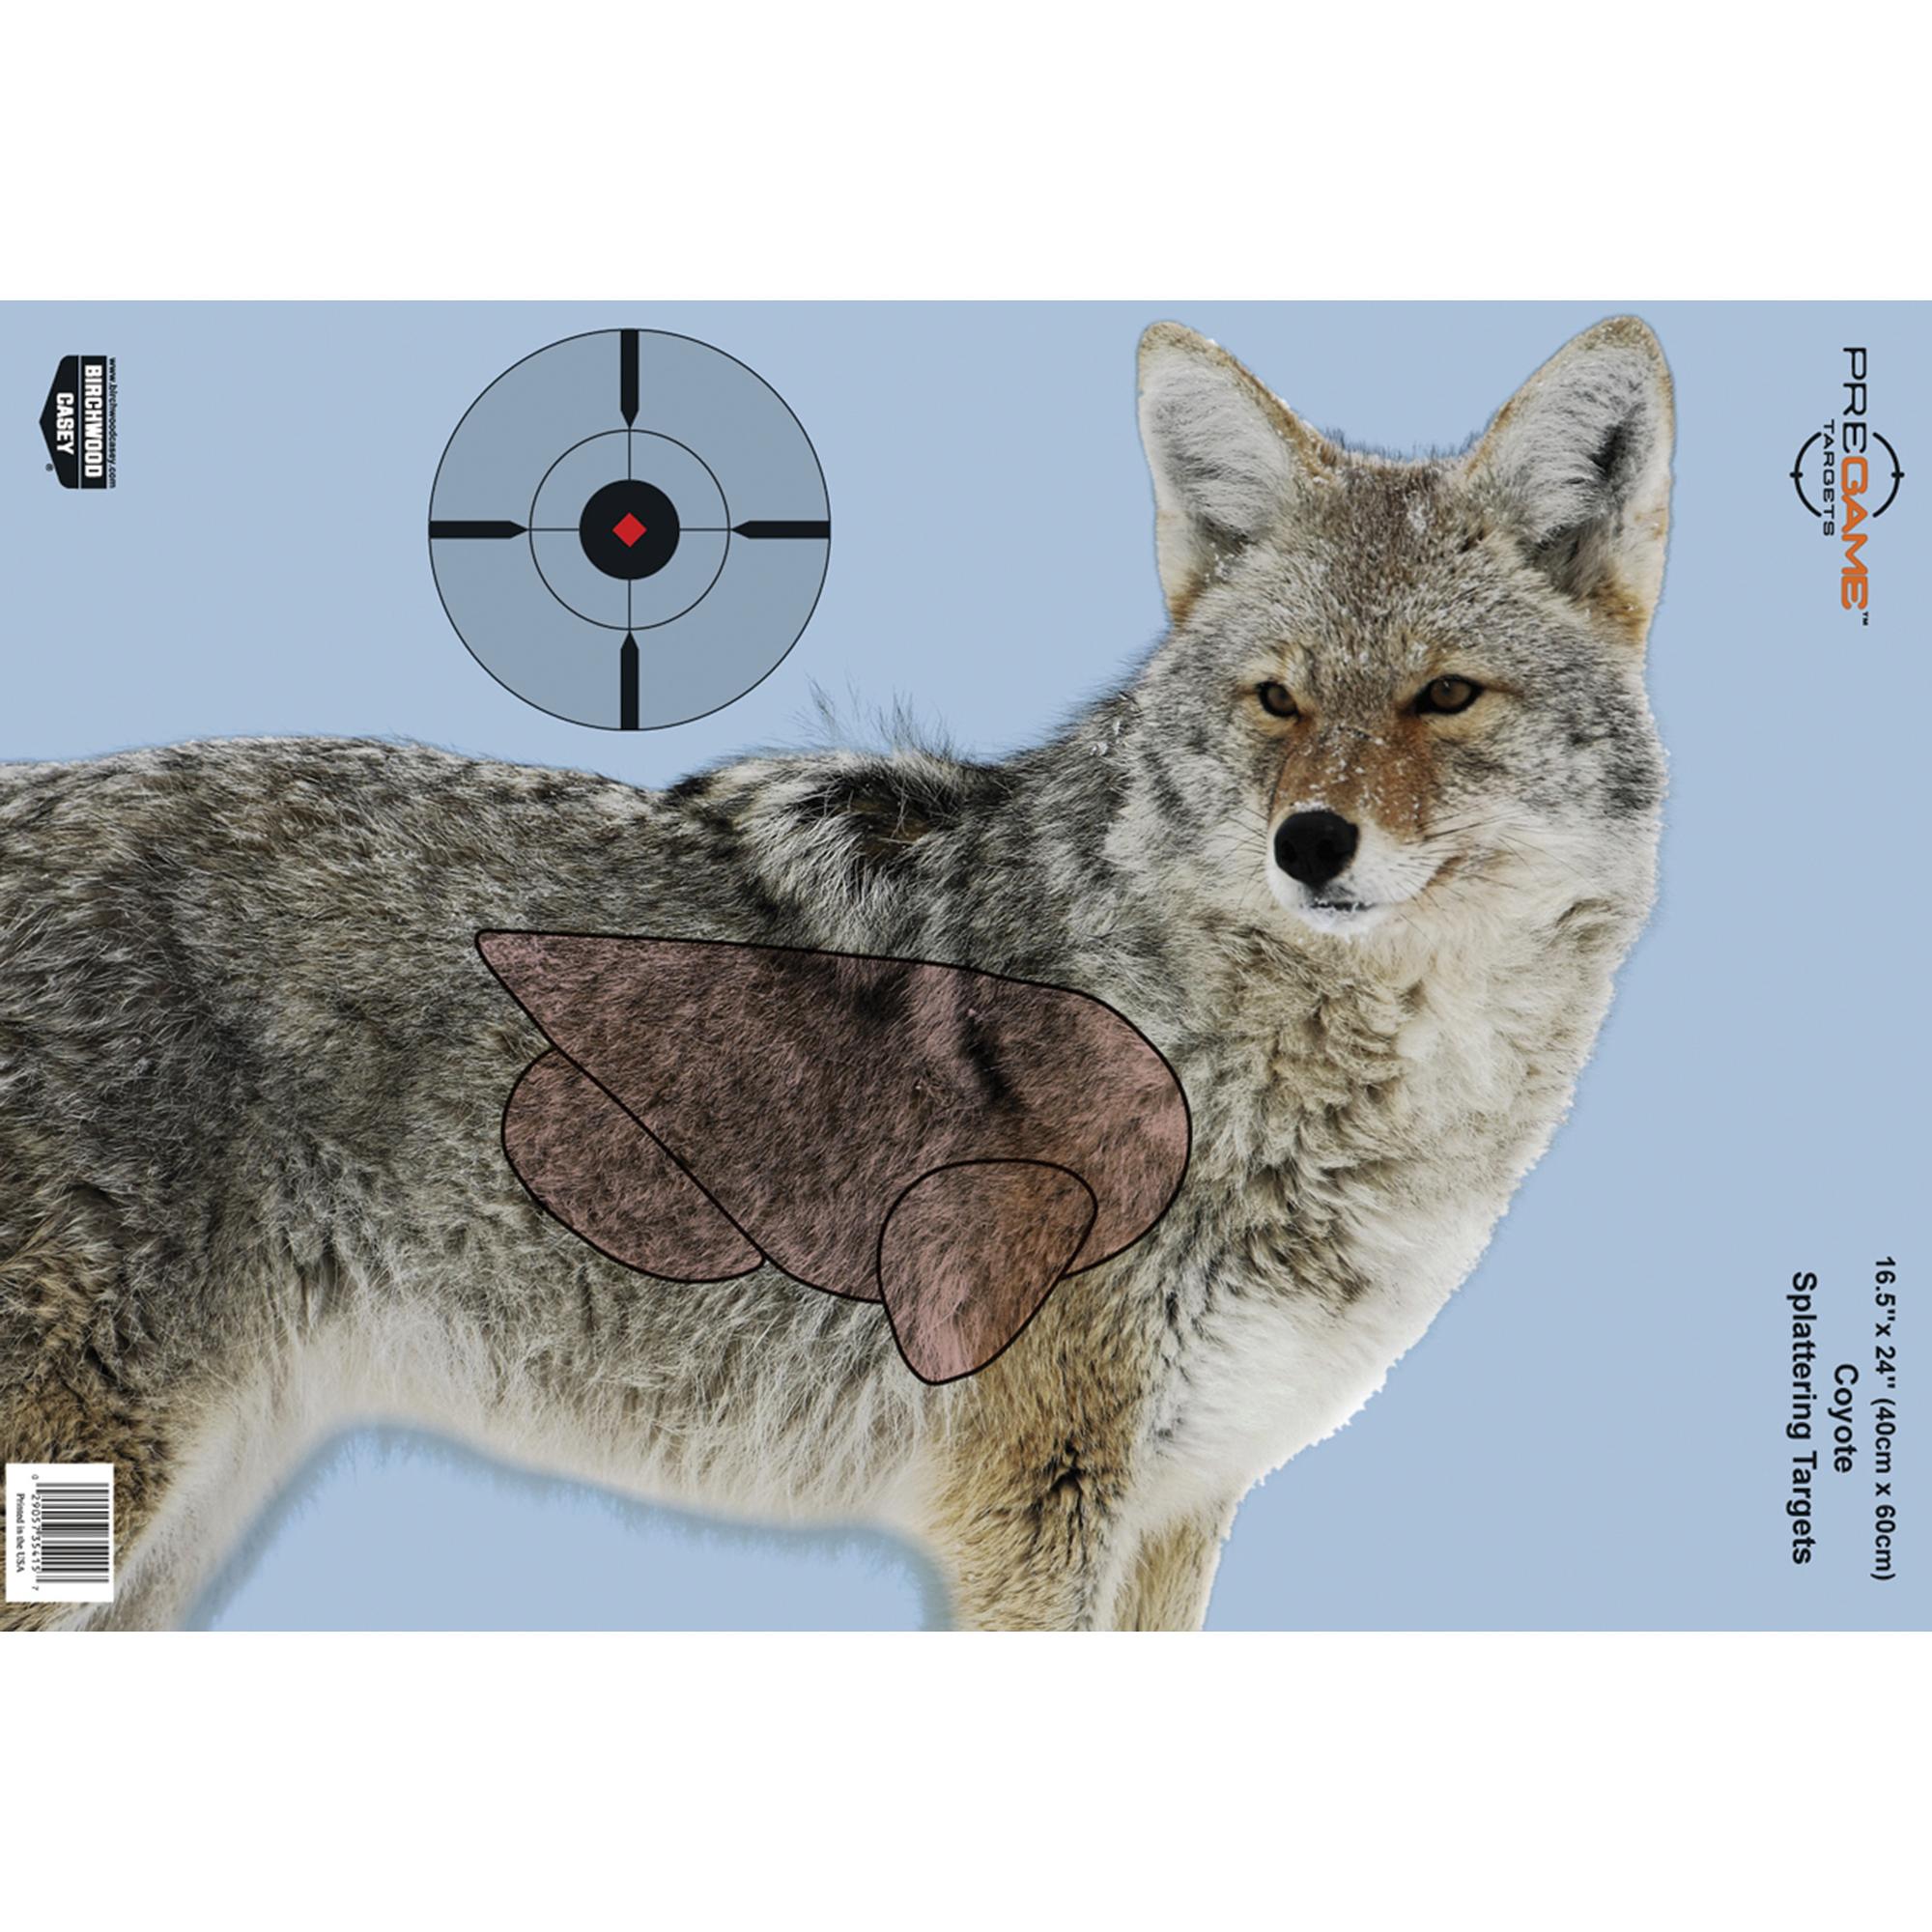 B/c Pregame Coyote Tgt 3-16.5x24